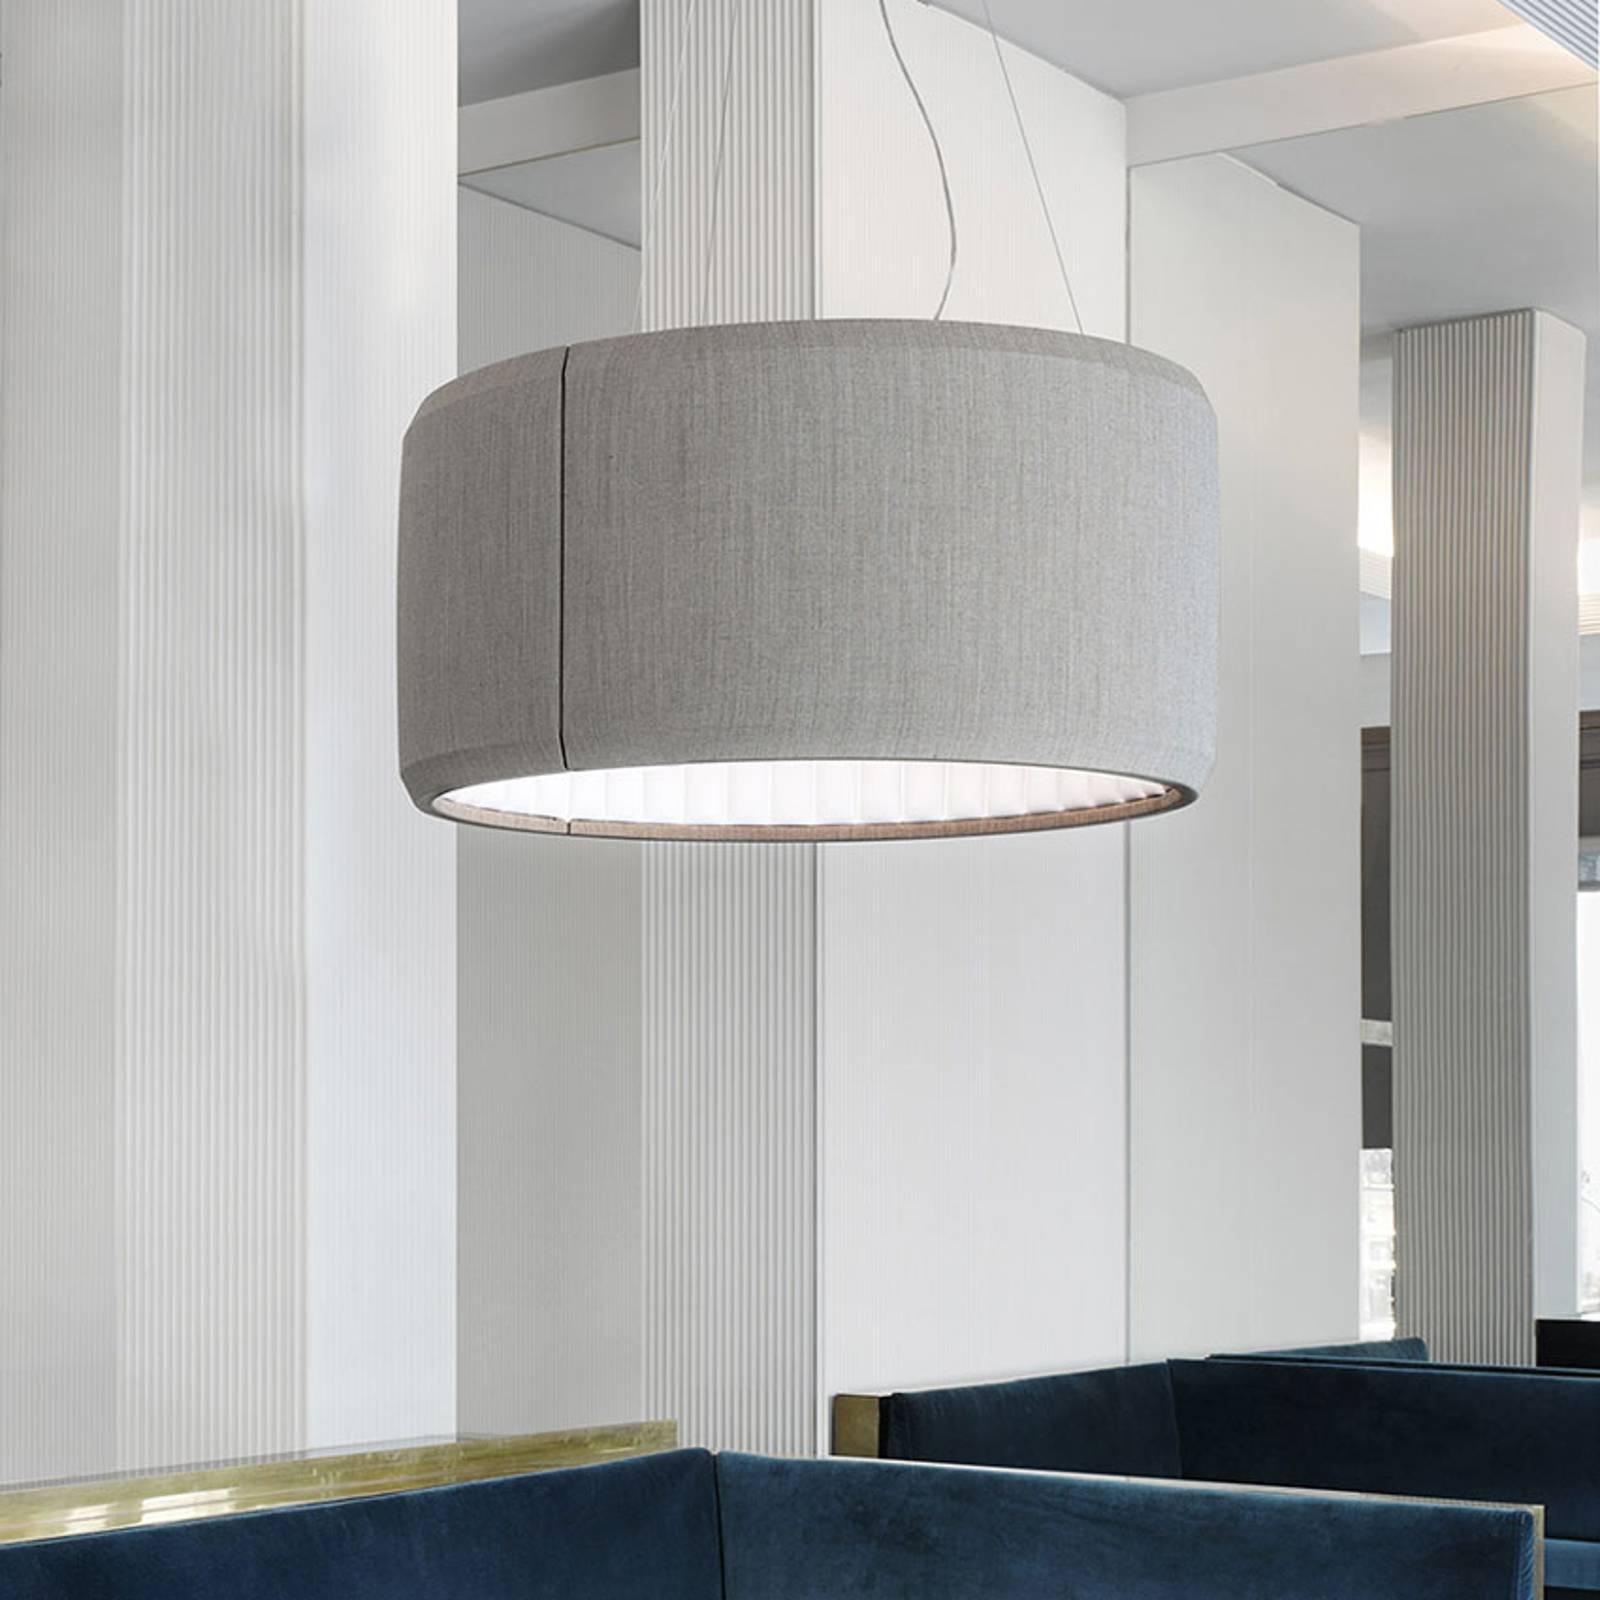 Luceplan Silenzio LED-Pendelleuchte grau Ø 90cm